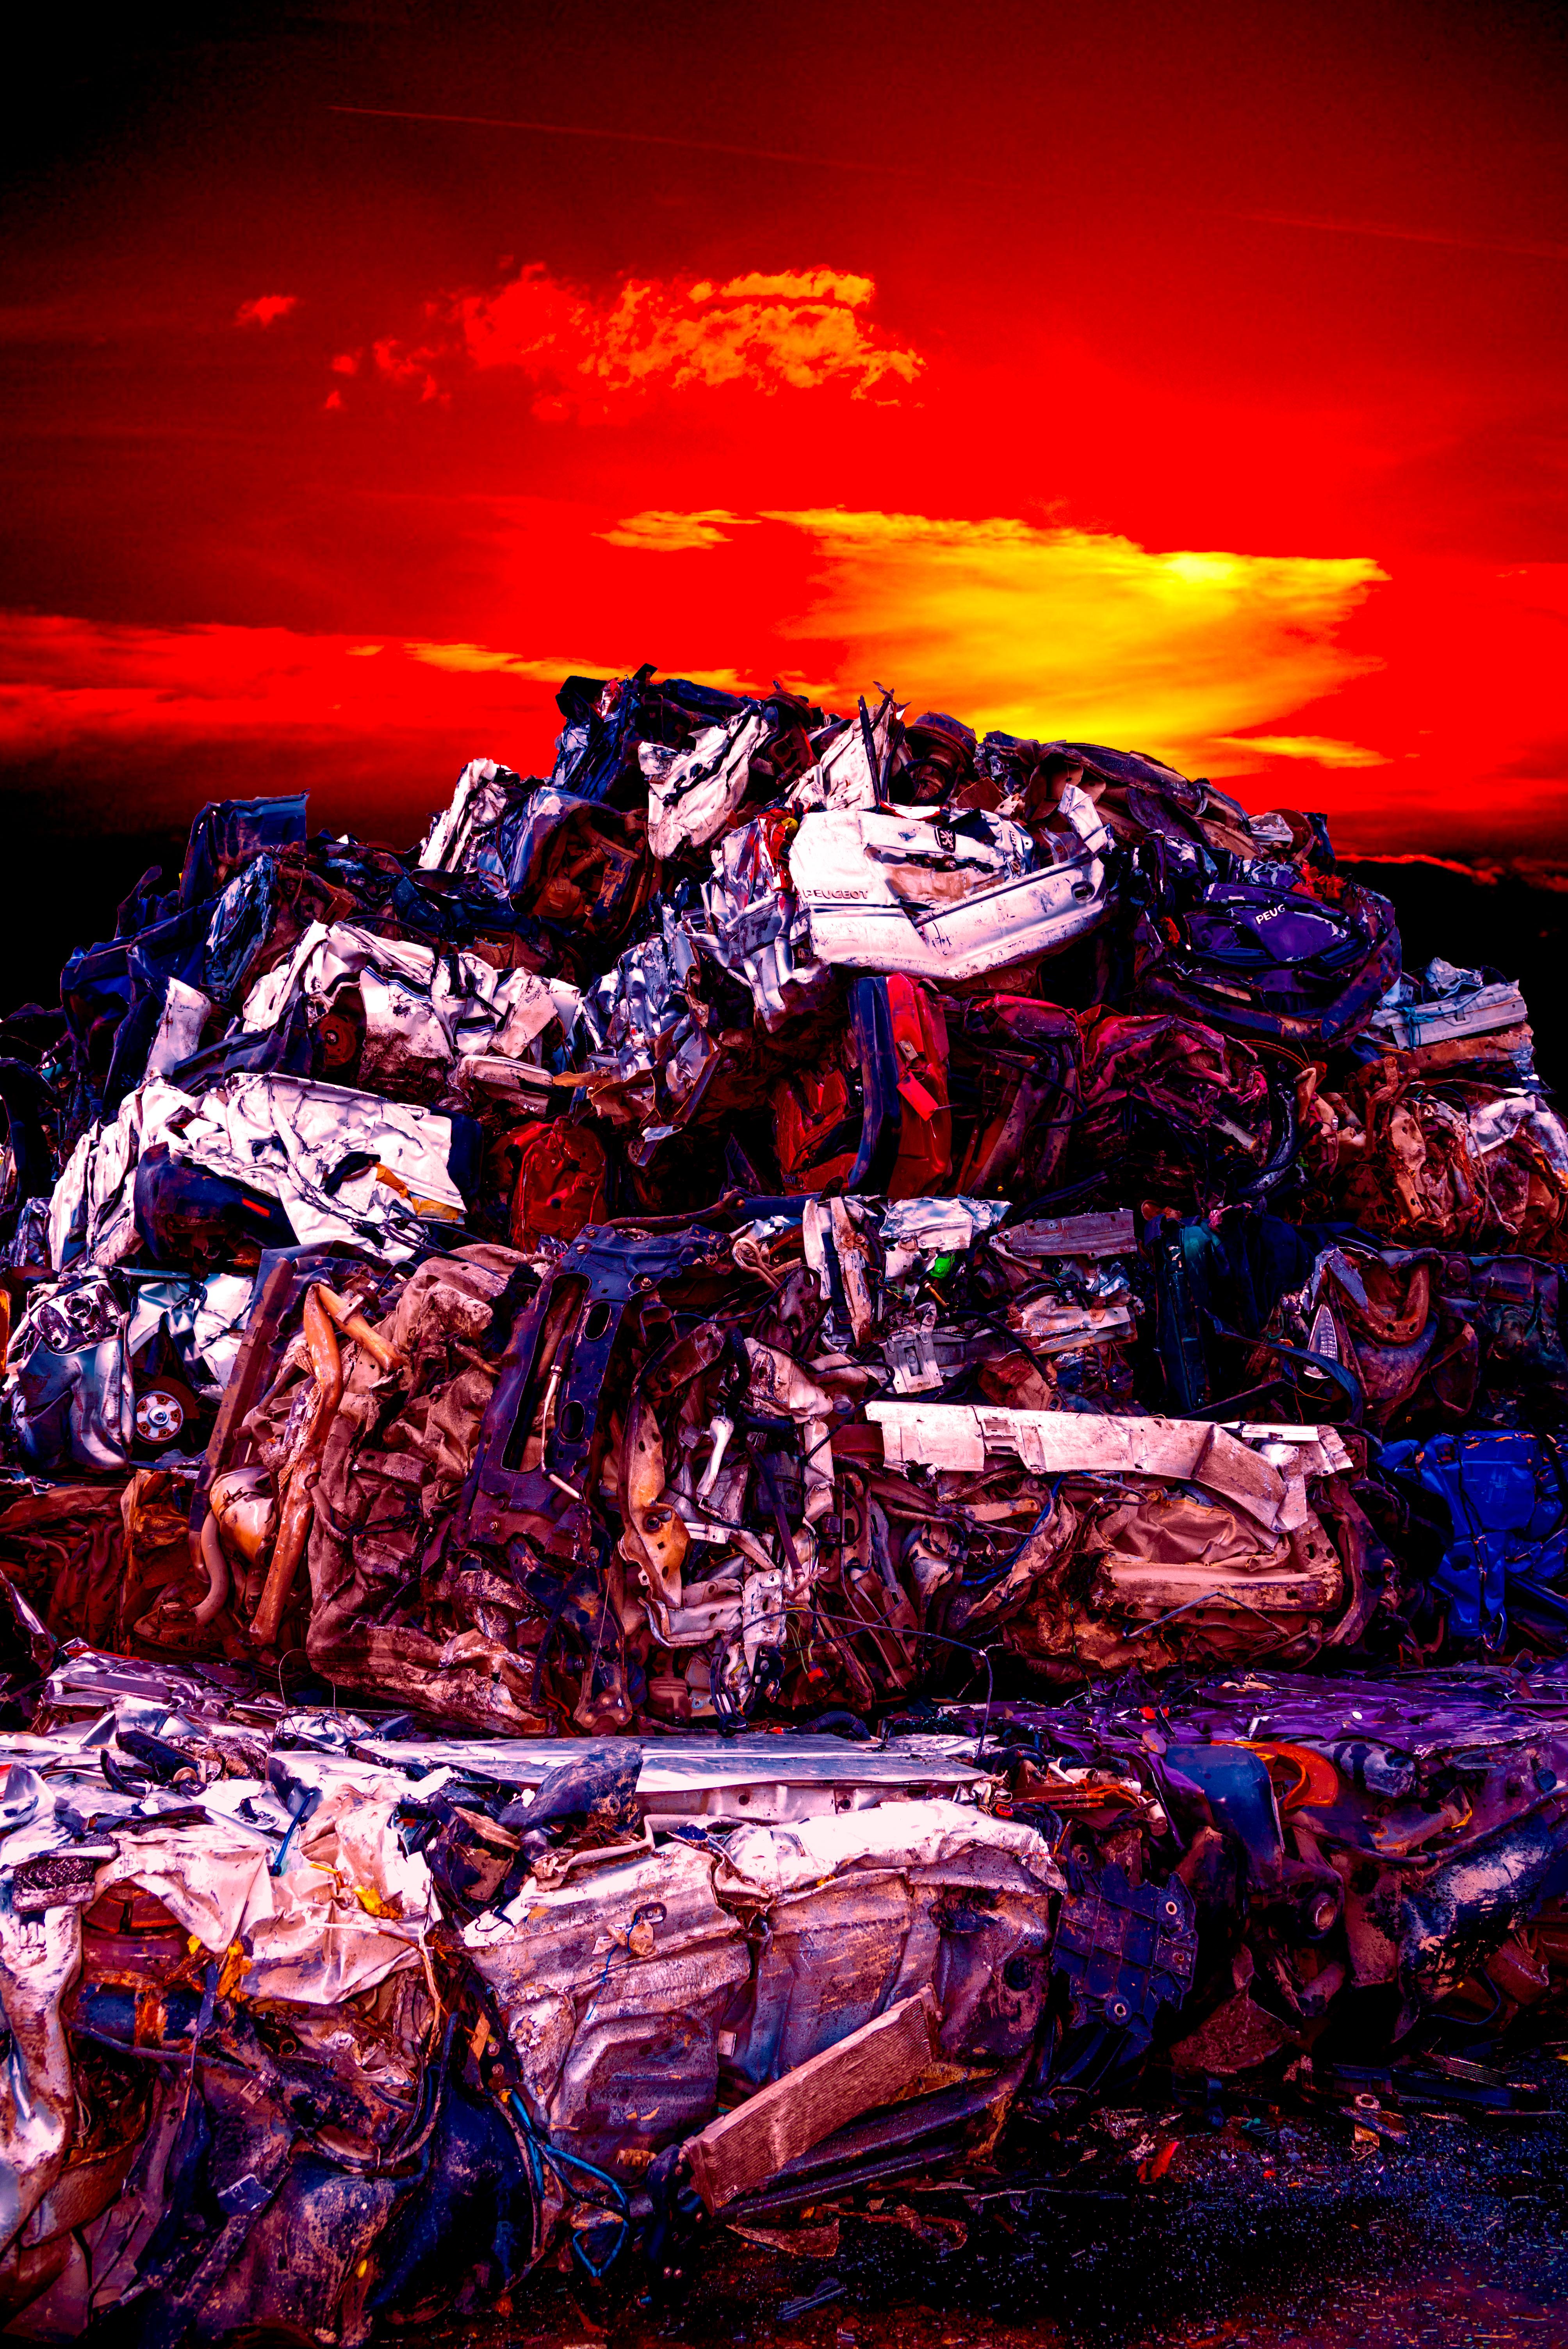 無料画像 自動車事故 壊れた ヒープ 空 コンピュータの壁紙 アート 4016x6016 Patrick Gantz 無料写真 Pxhere